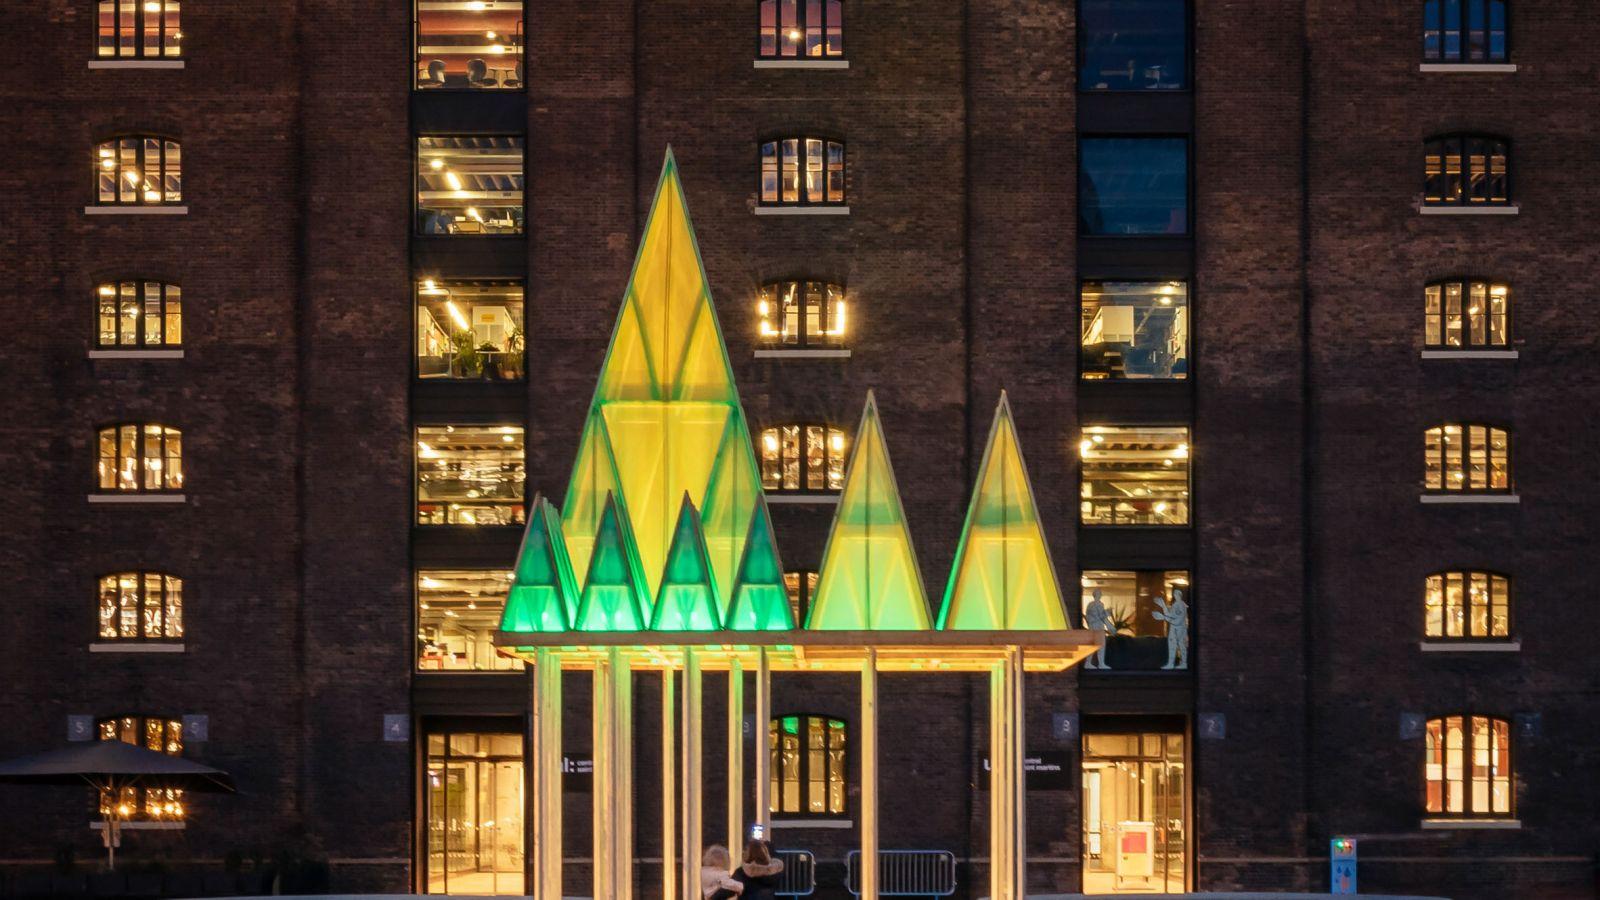 Λονδίνο: Ένα φουτουριστικό, παραμυθένιο δάσος στο κέντρο της πόλης για τις γιορτές